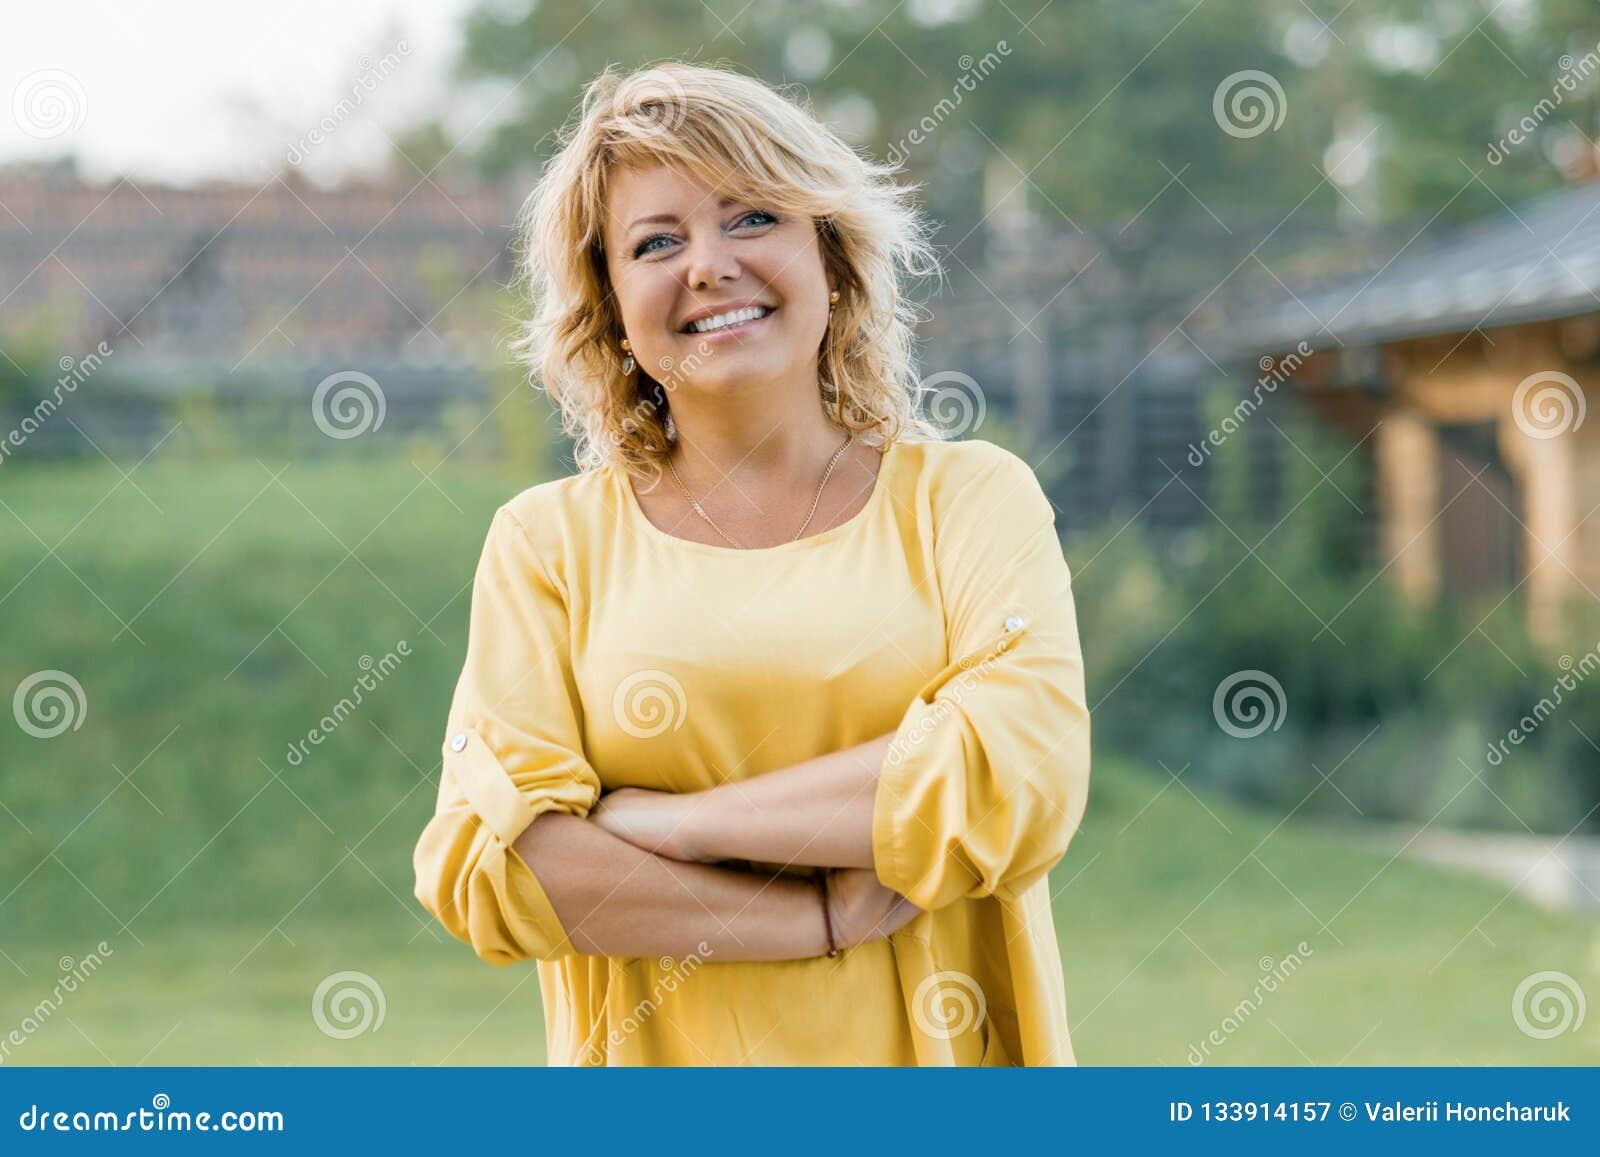 Utomhus- stående av den positiva säkra mogna kvinnan Le den kvinnliga blondinen i en gul klänning med armar som korsas nära huset